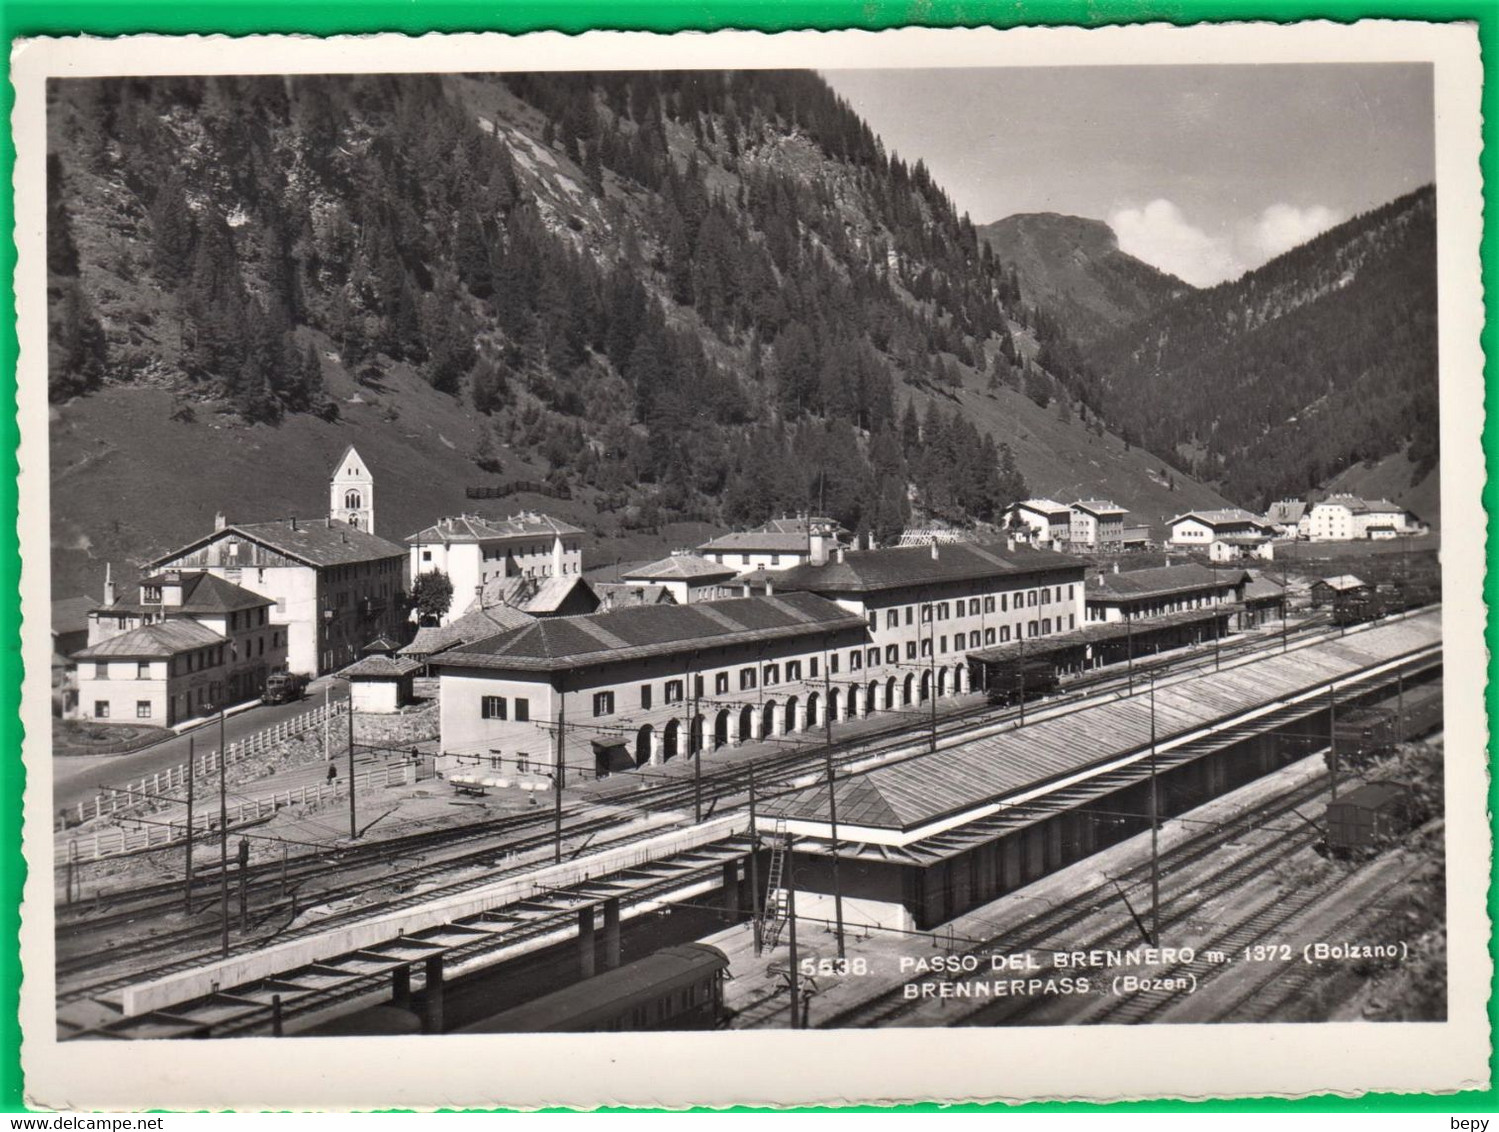 Stazione. BRENNERO. Bolzano. Treno. Ferrovia. 2st - Bolzano (Bozen)